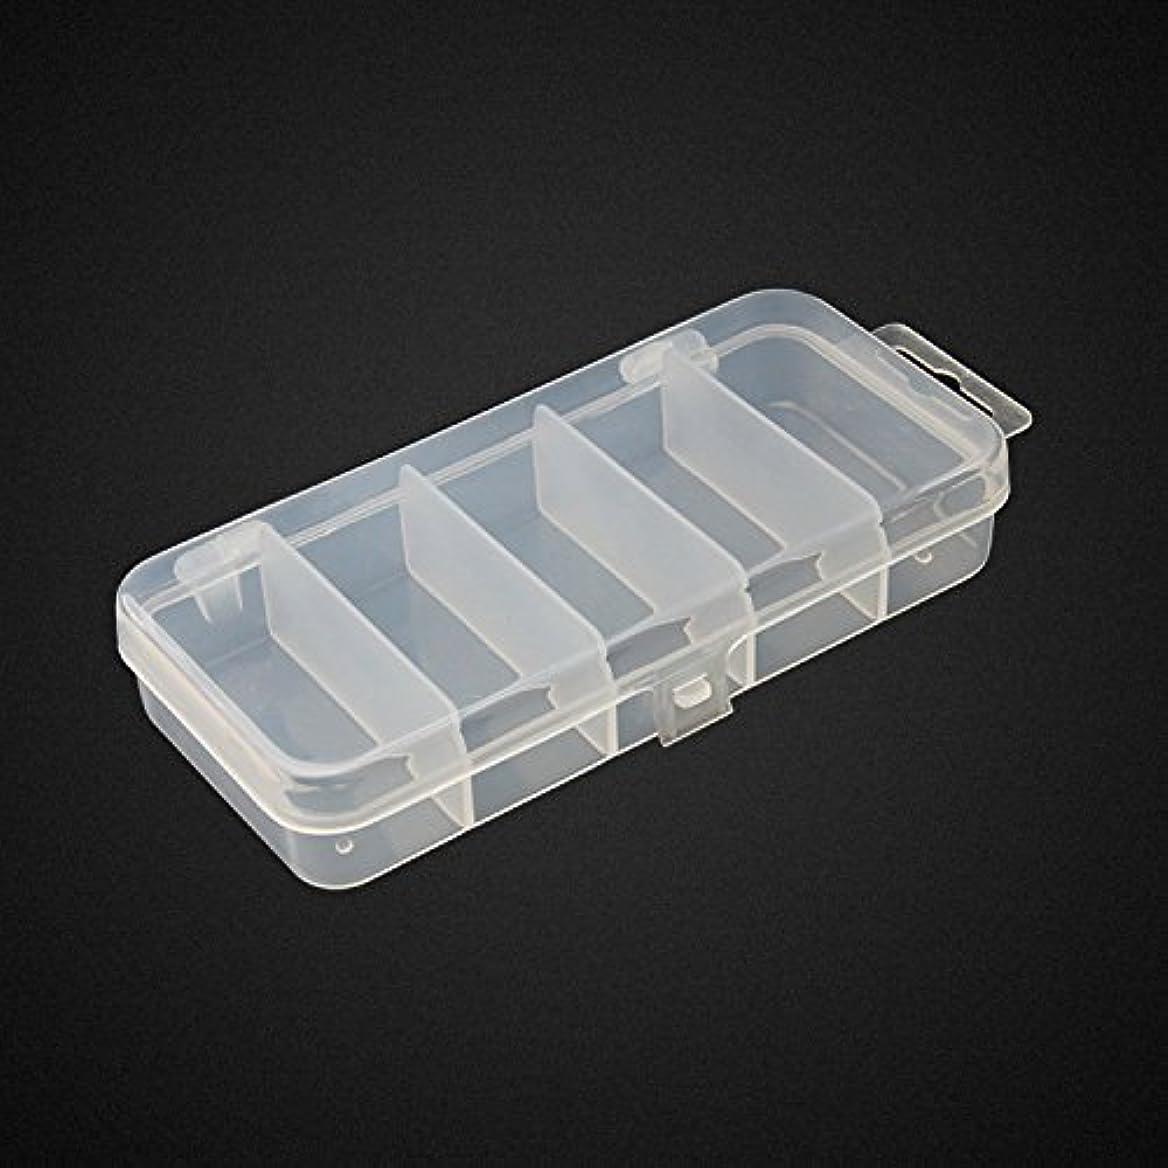 シャーロットブロンテ砲撃一方、Honbay 2PCS 5 Grid Clear Visible Plastic Fishing Tackle Accessory Box Fishing Lure Bait Hooks Storage Box Case Container Jewellery Making Findings Organiser Box Storage Container Case - 13x6x2.5cm